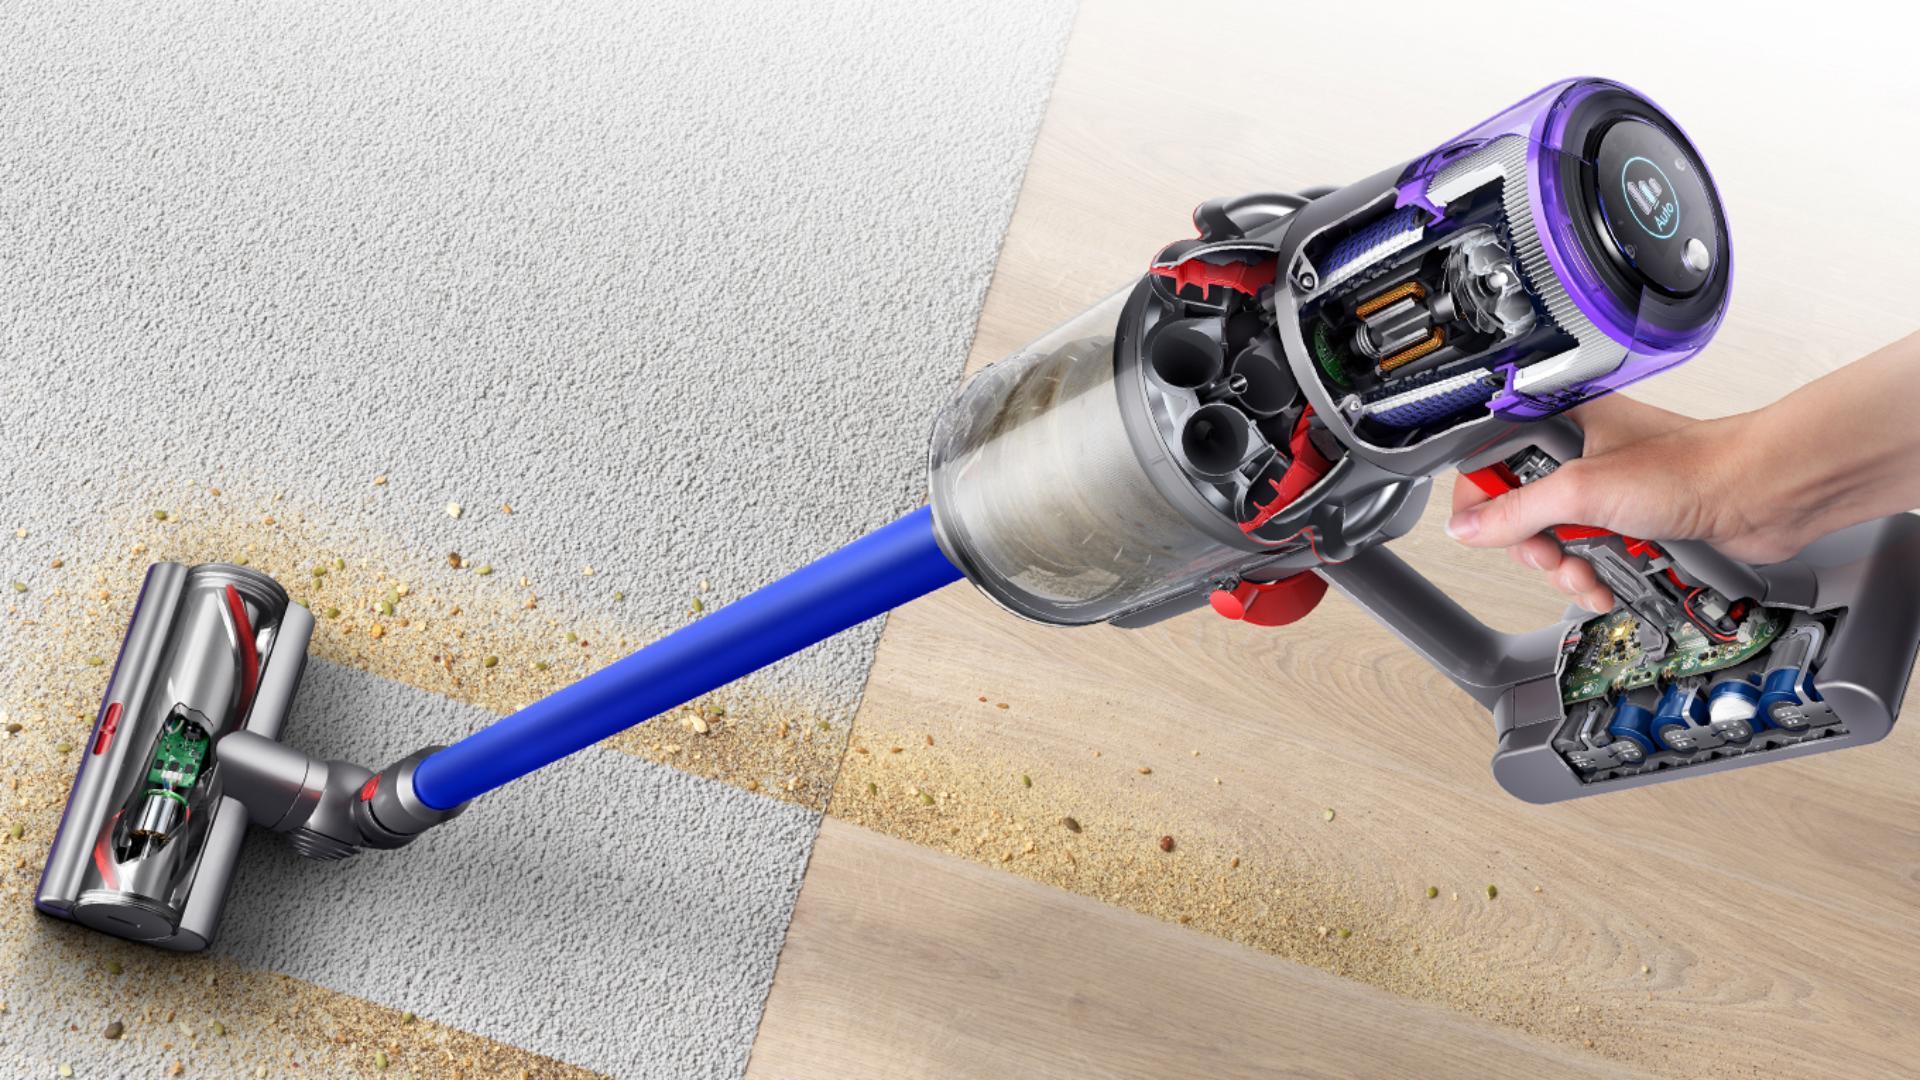 用Dyson V11吸塵機清除地毯上的污垢